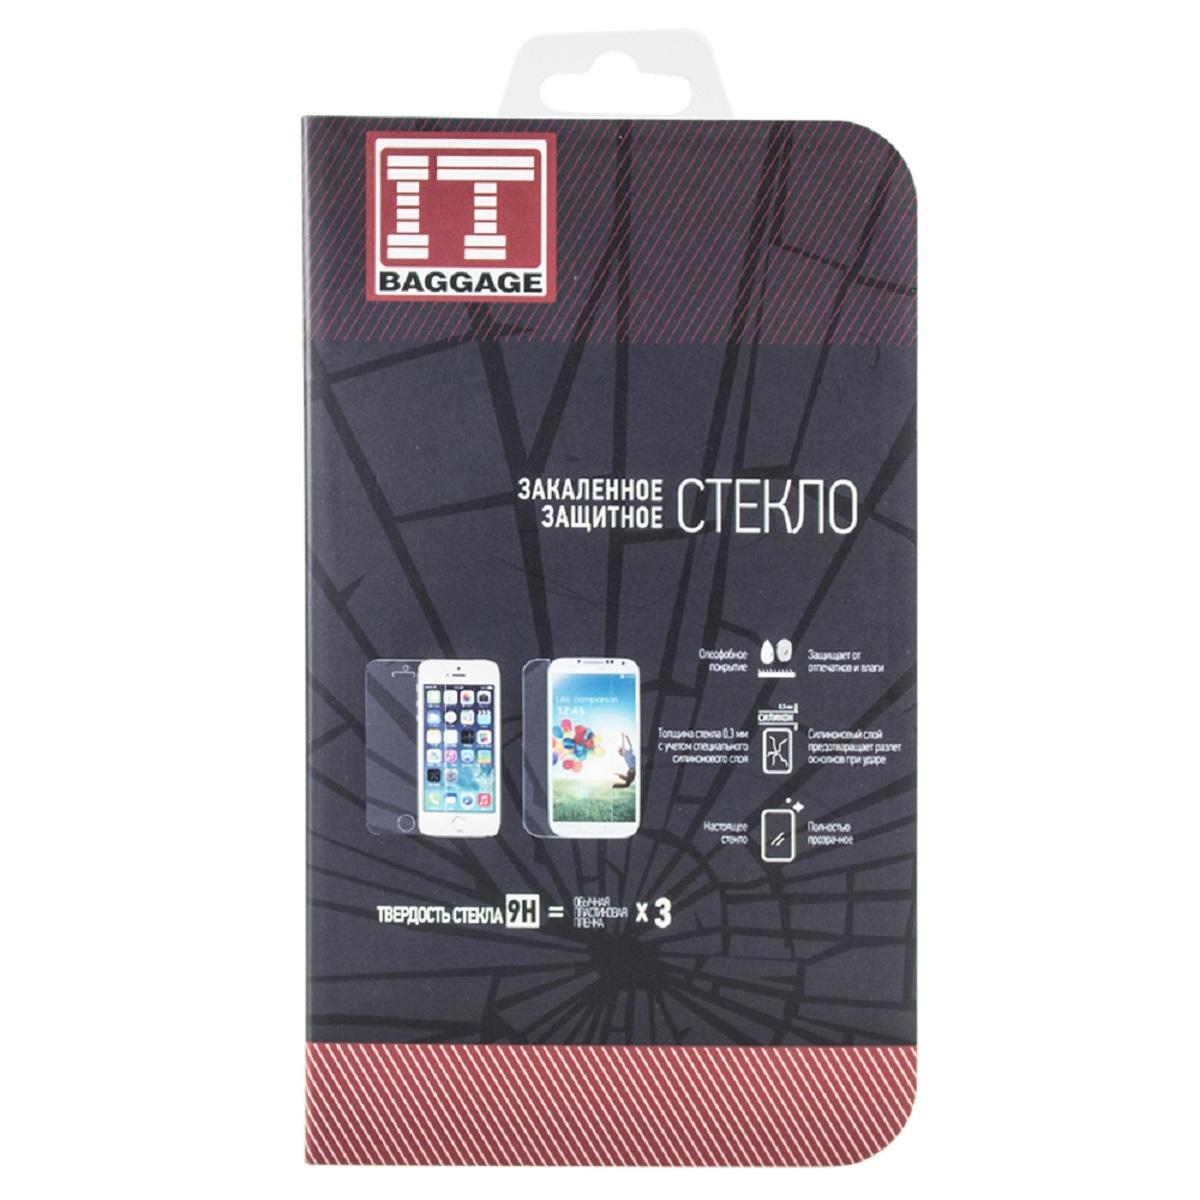 IT Baggage защитное стекло для Asus ZenFone С ZC451TСITASZC451GЗакаленное стекло IT Baggage для Asus ZenFone С (ZC451TС) - это самый верный способ защитить экран от повреждений и загрязнений. Обладает высочайшим уровнем прозрачности и совершенно не влияет на отклик экранного сенсора и качество изображения. Препятствует появлению отпечатков и пятен. Удалить следы жира и косметики с поверхности аксессуара не составить ни какого труда. Характеристики защитного стекла делают его износостойким к таким механическим повреждениям, как царапины, сколы, потертости. При сильном ударе разбившееся стекло не разлетается на осколки, предохраняя вас от порезов, а экран устройства от повреждений. После снятия защитного стекла с поверхности дисплея, на нем не остаются повреждения, такие как потертости и царапины.